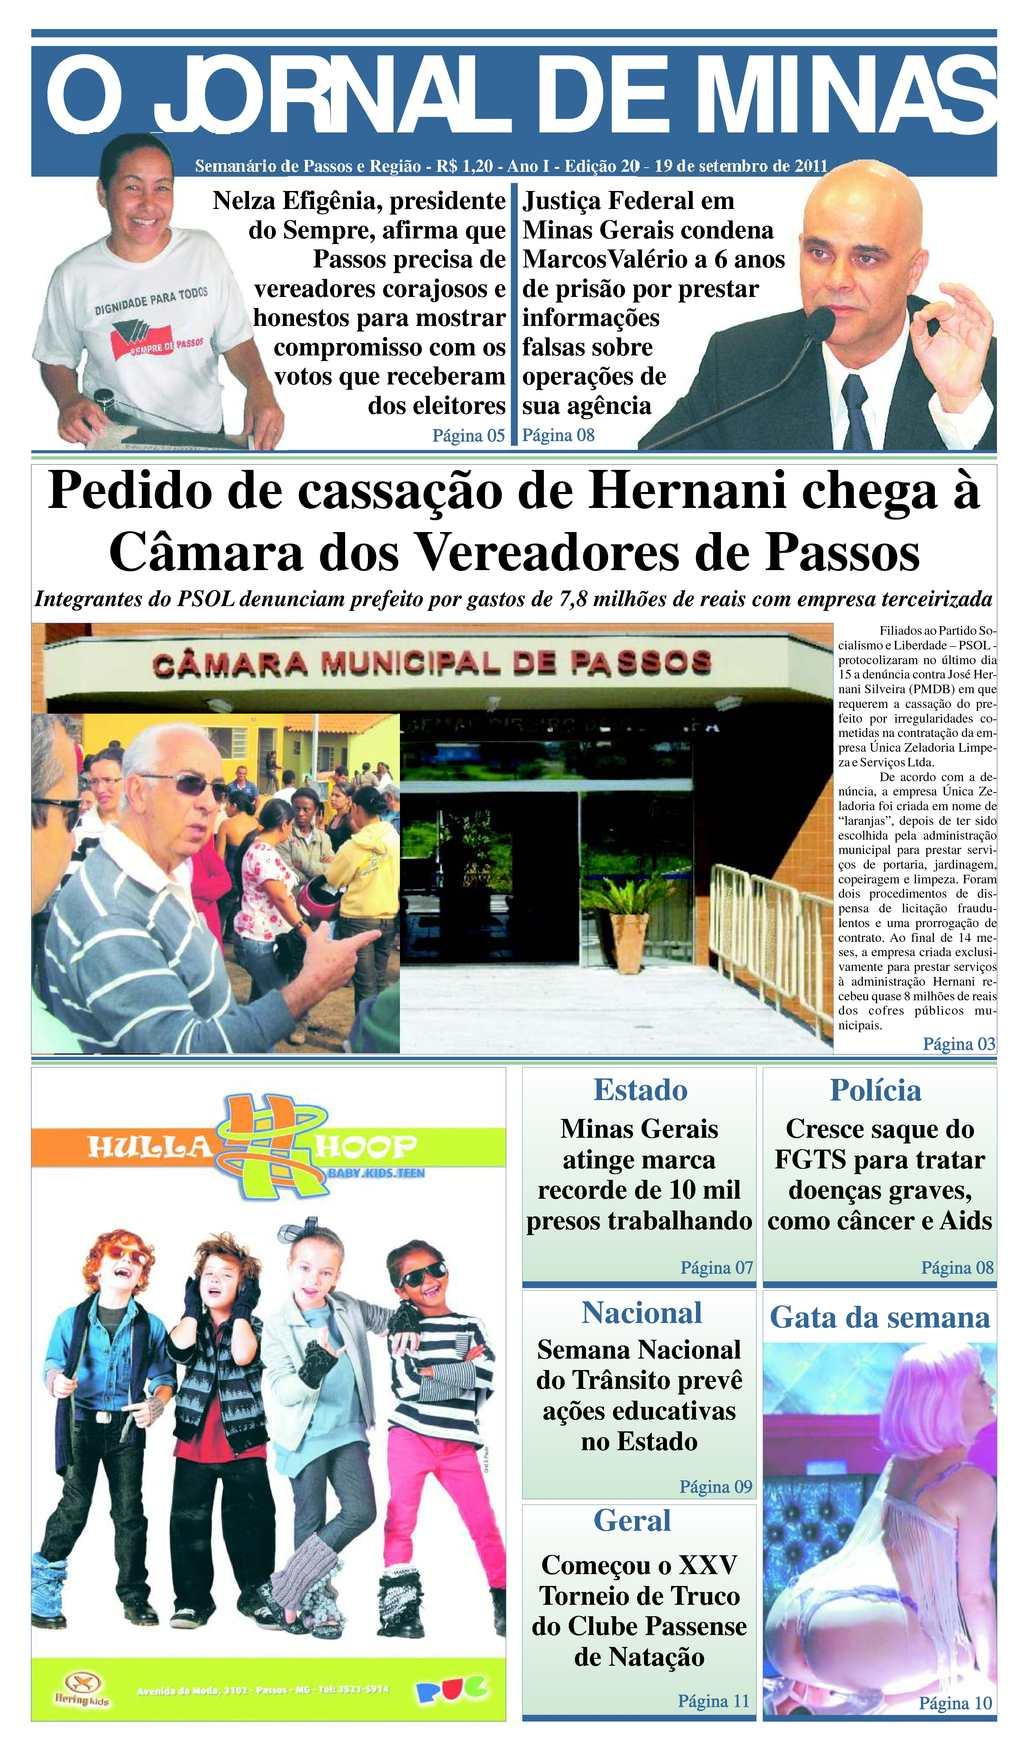 e103acd237 Calaméo - O Jornal de Minas Edição 20 de 19 de setembro de 2011